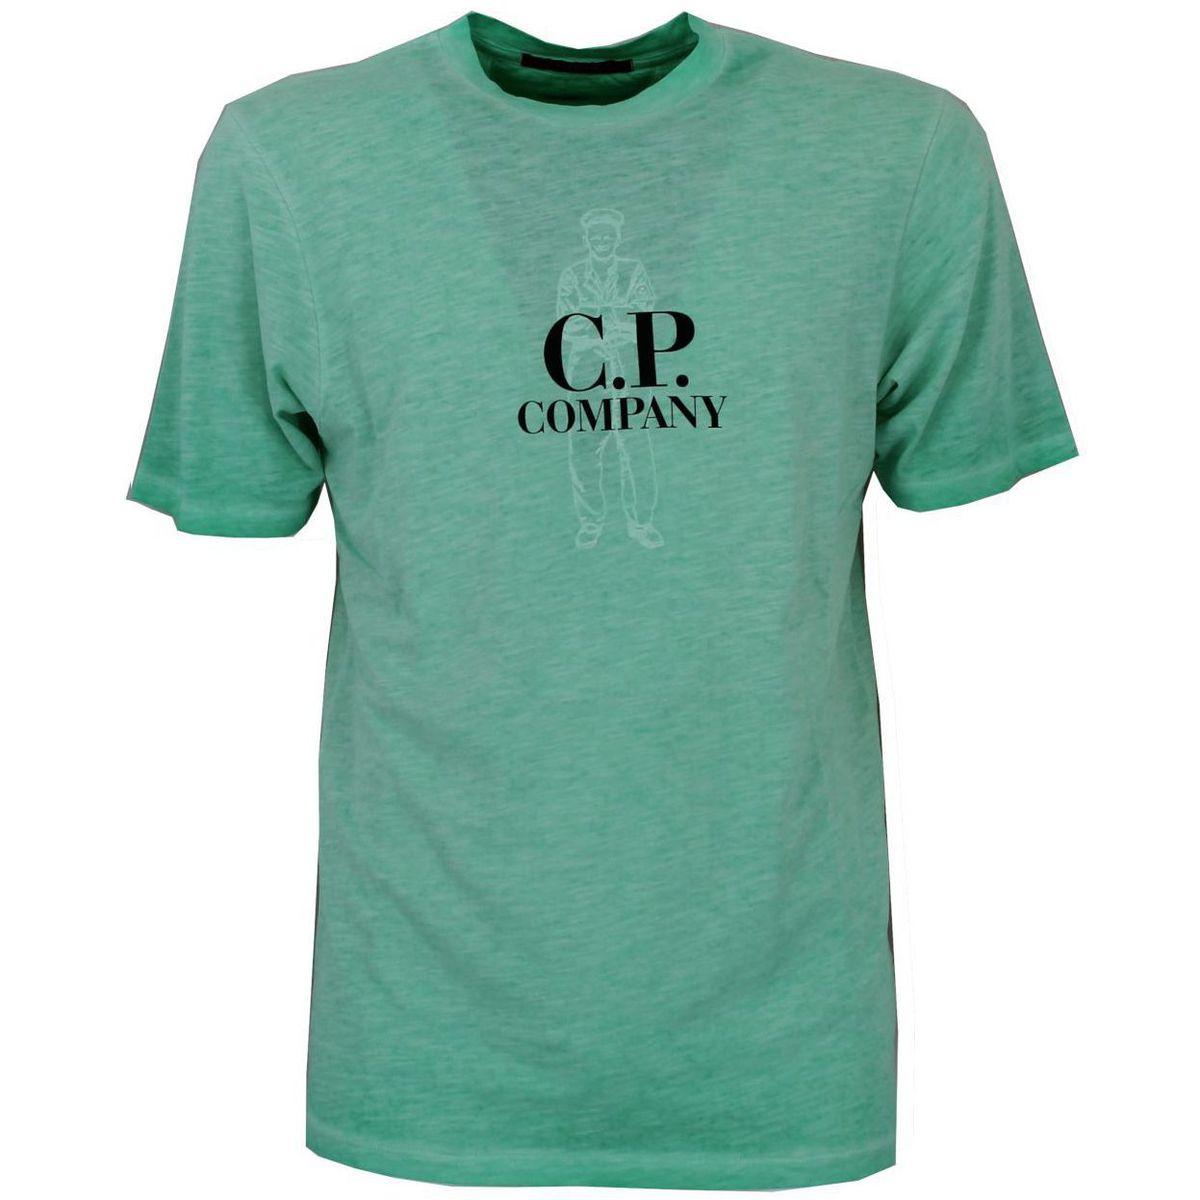 T-shirt in cotone pettinato in tintura re-colour Verde C.P. Company